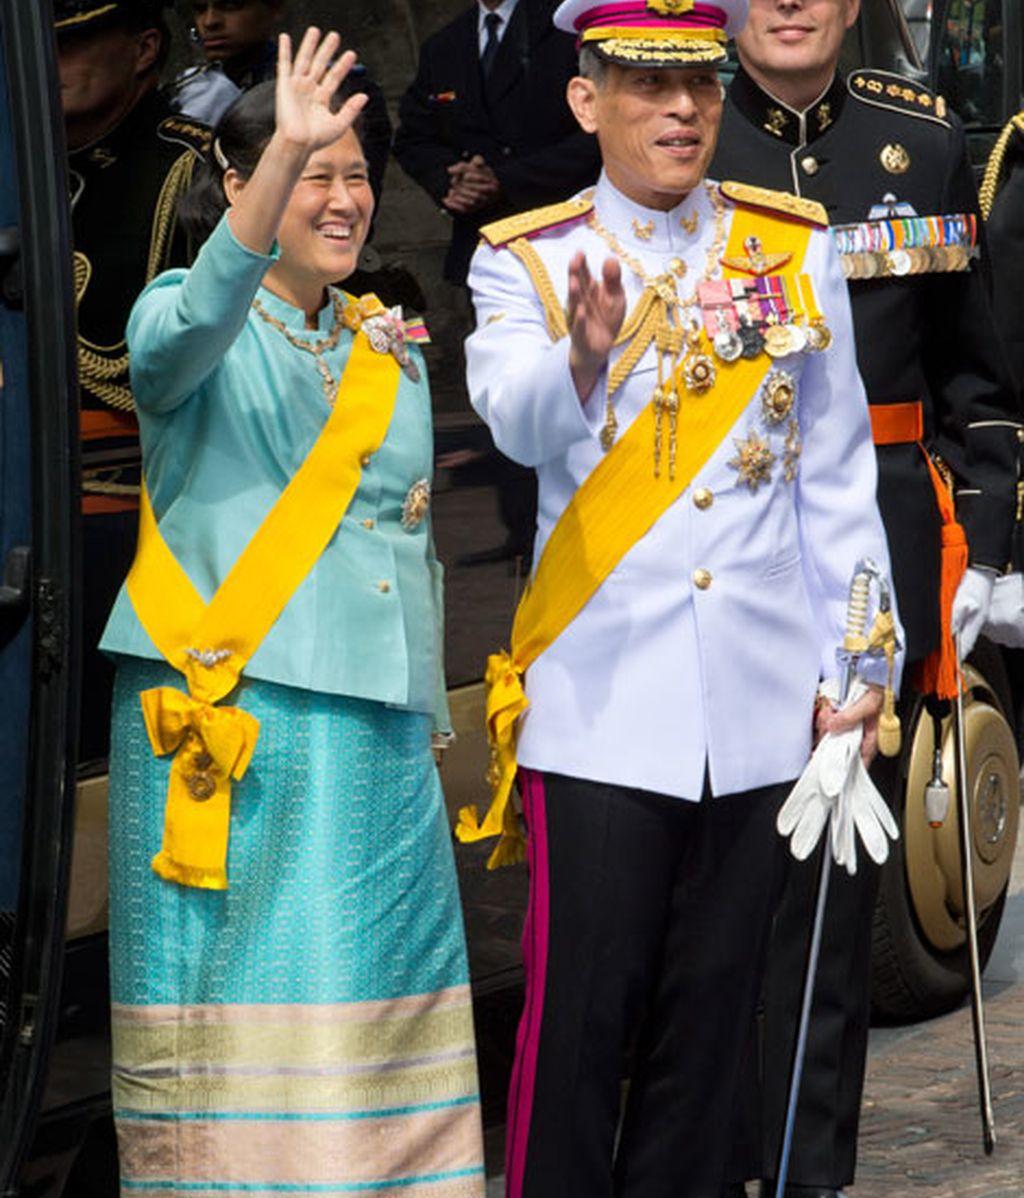 El príncipe Vajiralongkorn y la princesa Sirindhorn de Tailandia